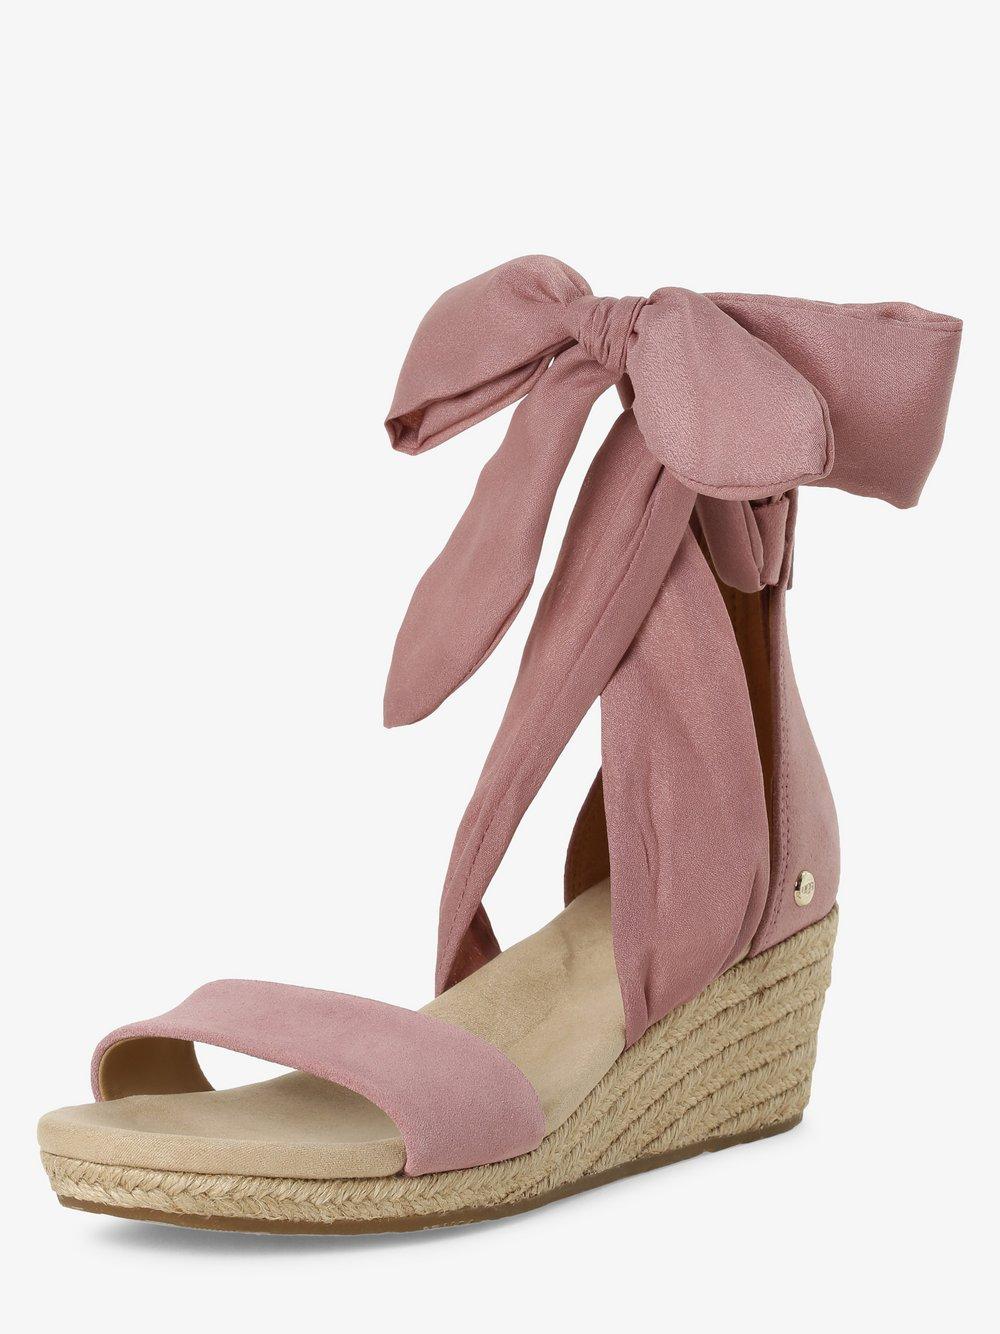 UGG - Sandały damskie z dodatkiem skóry – Trina, różowy